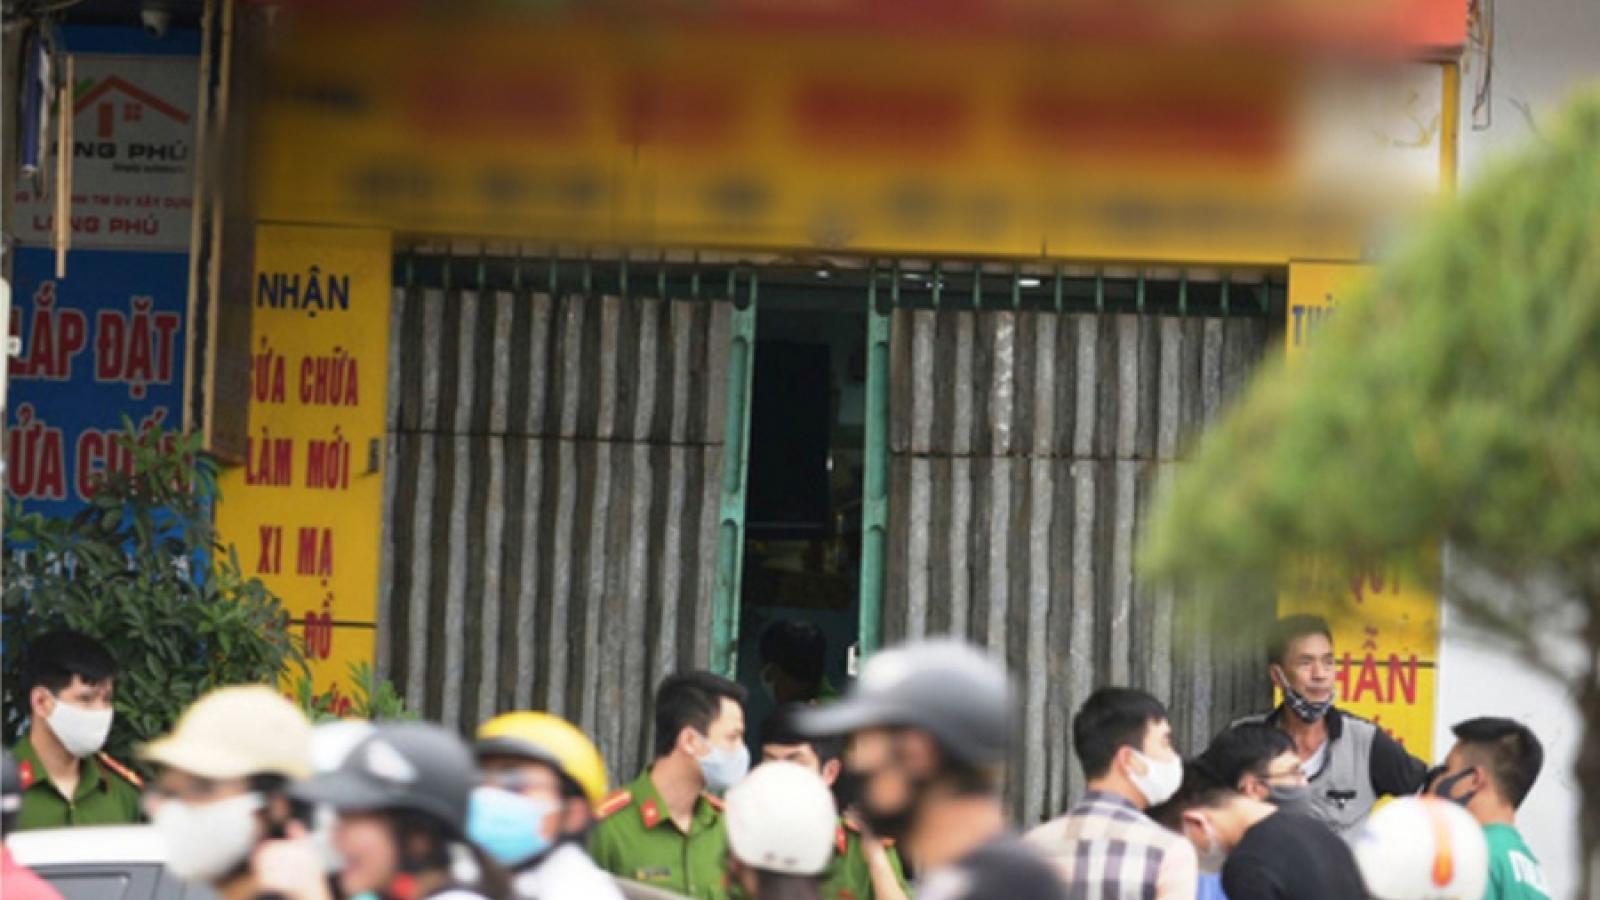 Chi cục trưởng thi hành án tử vong ở Thanh Hóa: Khởi tố vụ án giết người